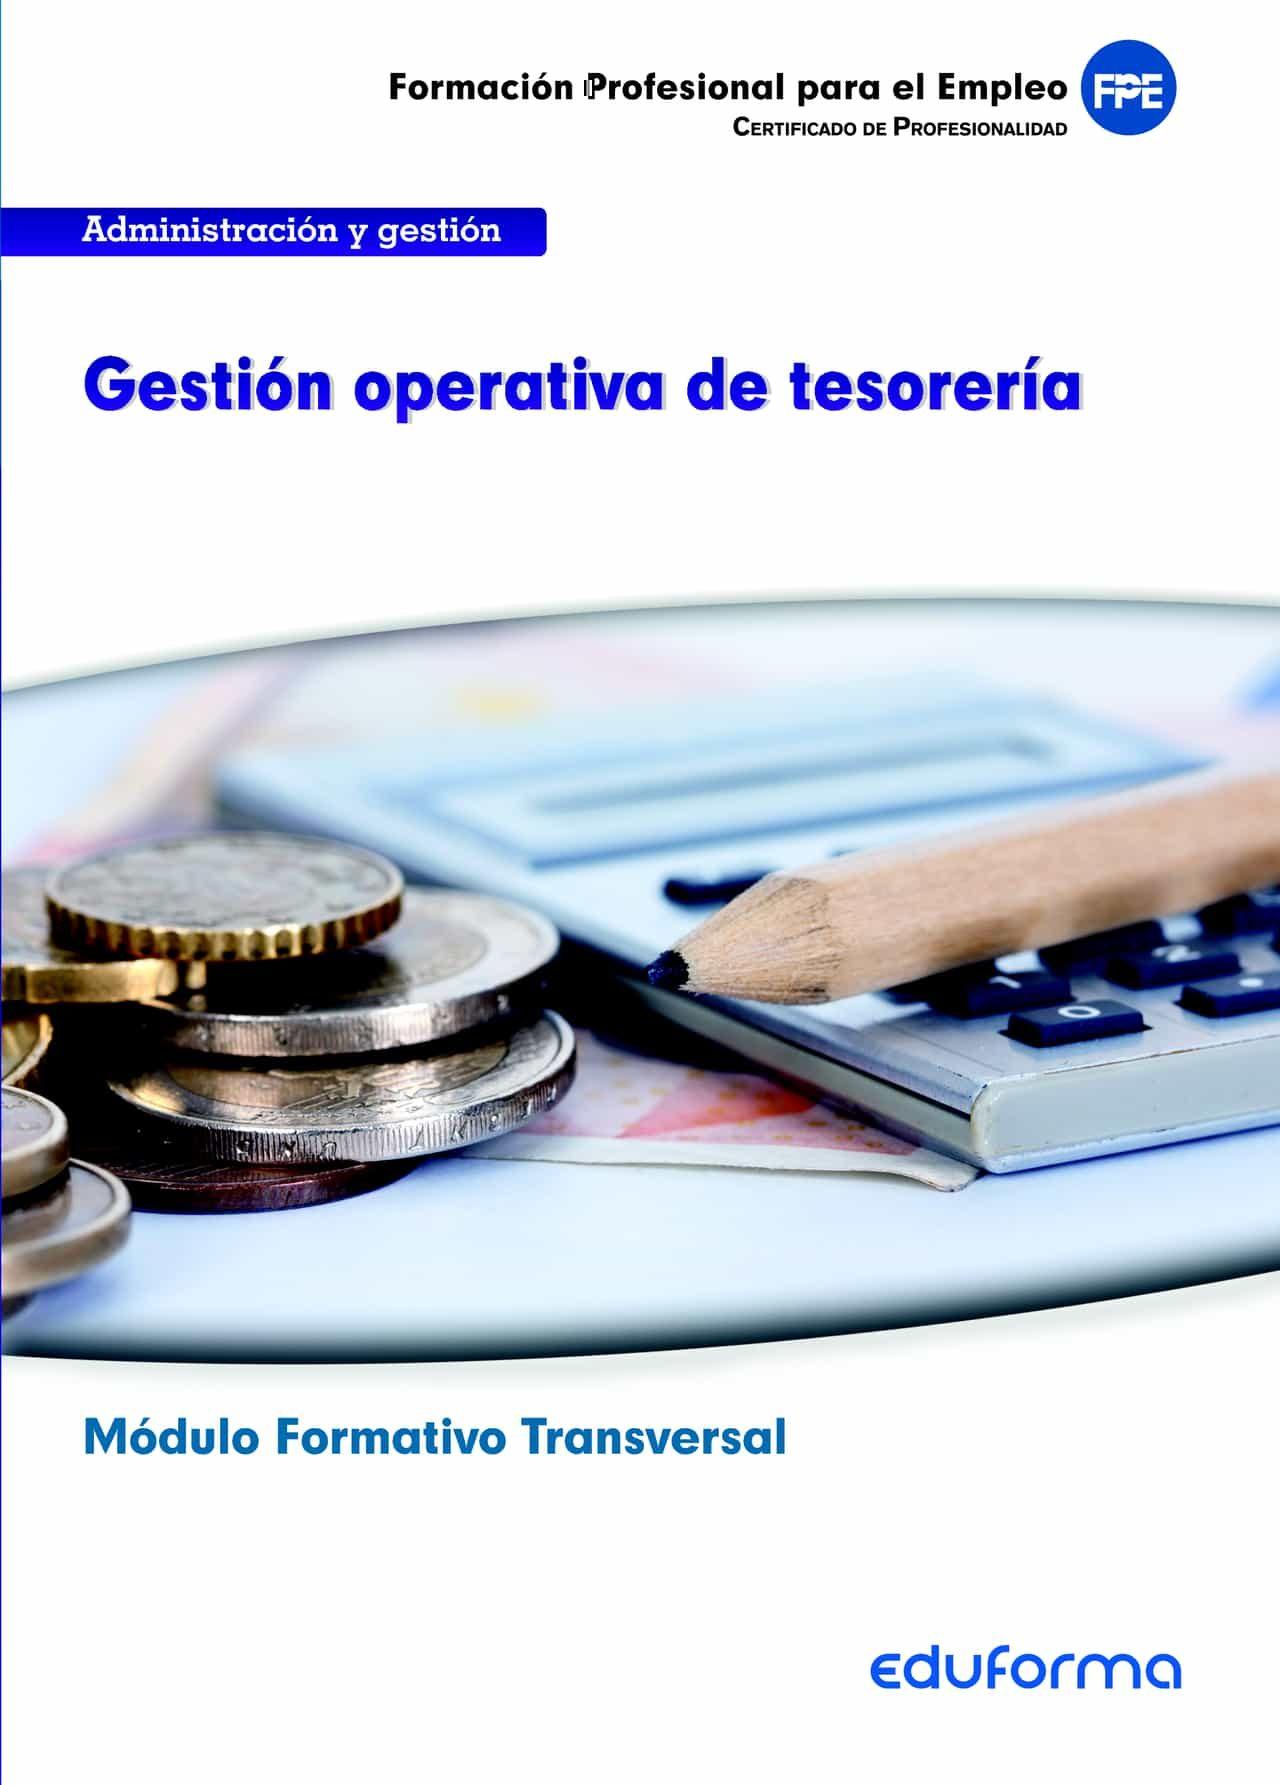 mf0979 (transversal) gestion operativa de tesoreria. familia prof esional administracion y gestion. certificados de profesionalidad-9788467692044